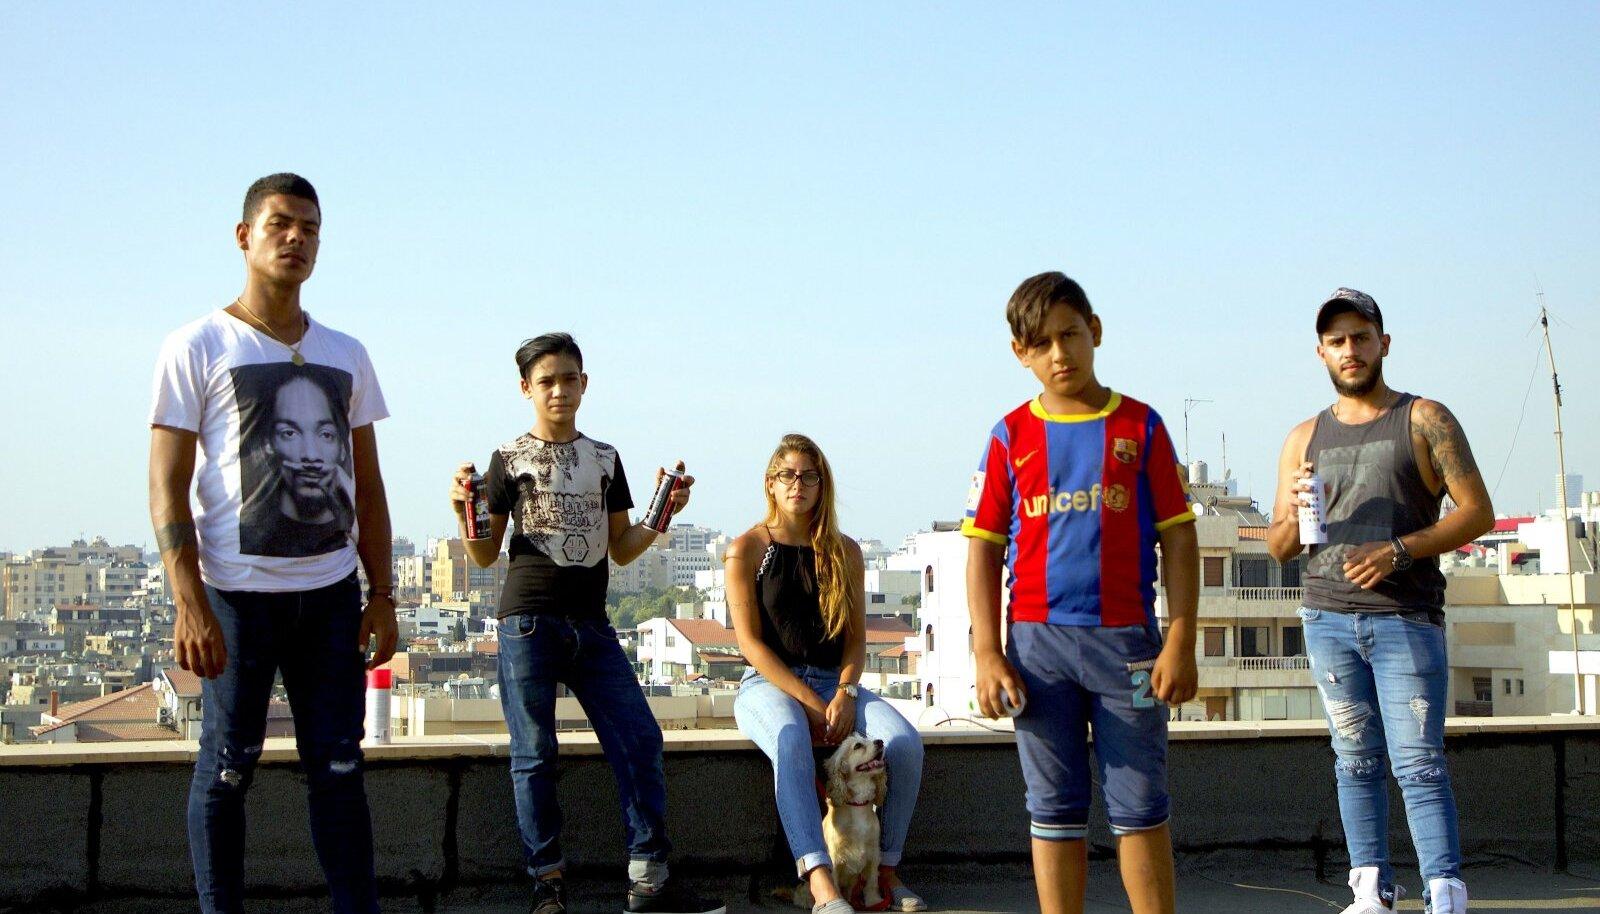 """Kaader filmist """"Tere tulemast Ouzville'i"""". Beiruti lõunaosas asuvat Ouzai linnajagu peetakse ohutsooniks, kus peremehetsevad relvastatud jõugud ja kurjategijad. Vaatamata sellele loodavad noored just kodulinnas oma unistused teoks teha."""